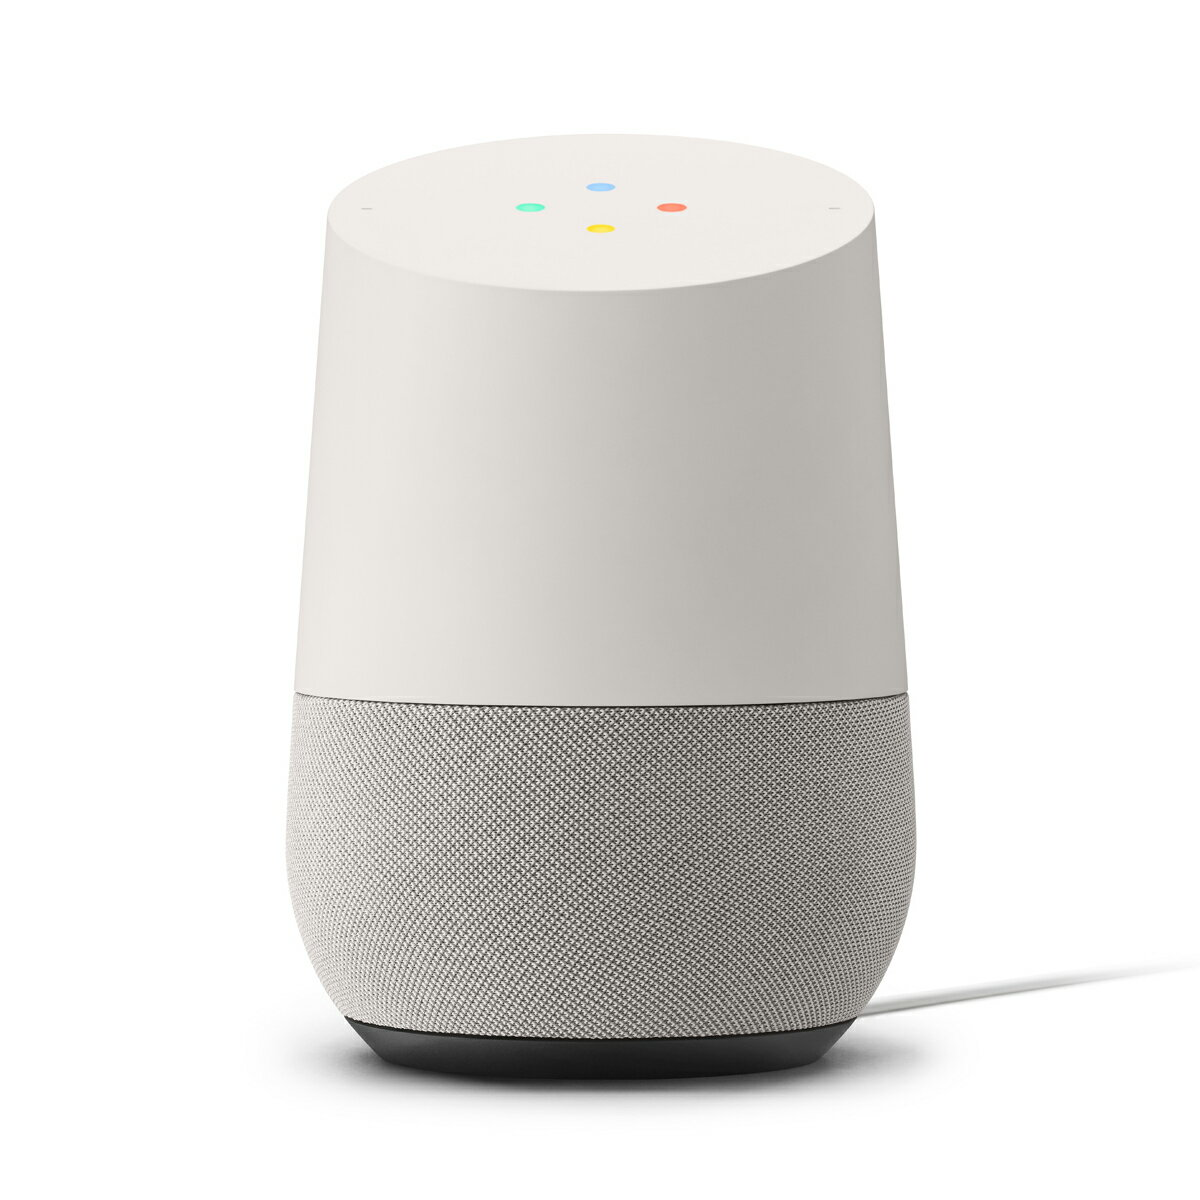 【25%OFF】Google Home(グーグル ホーム)